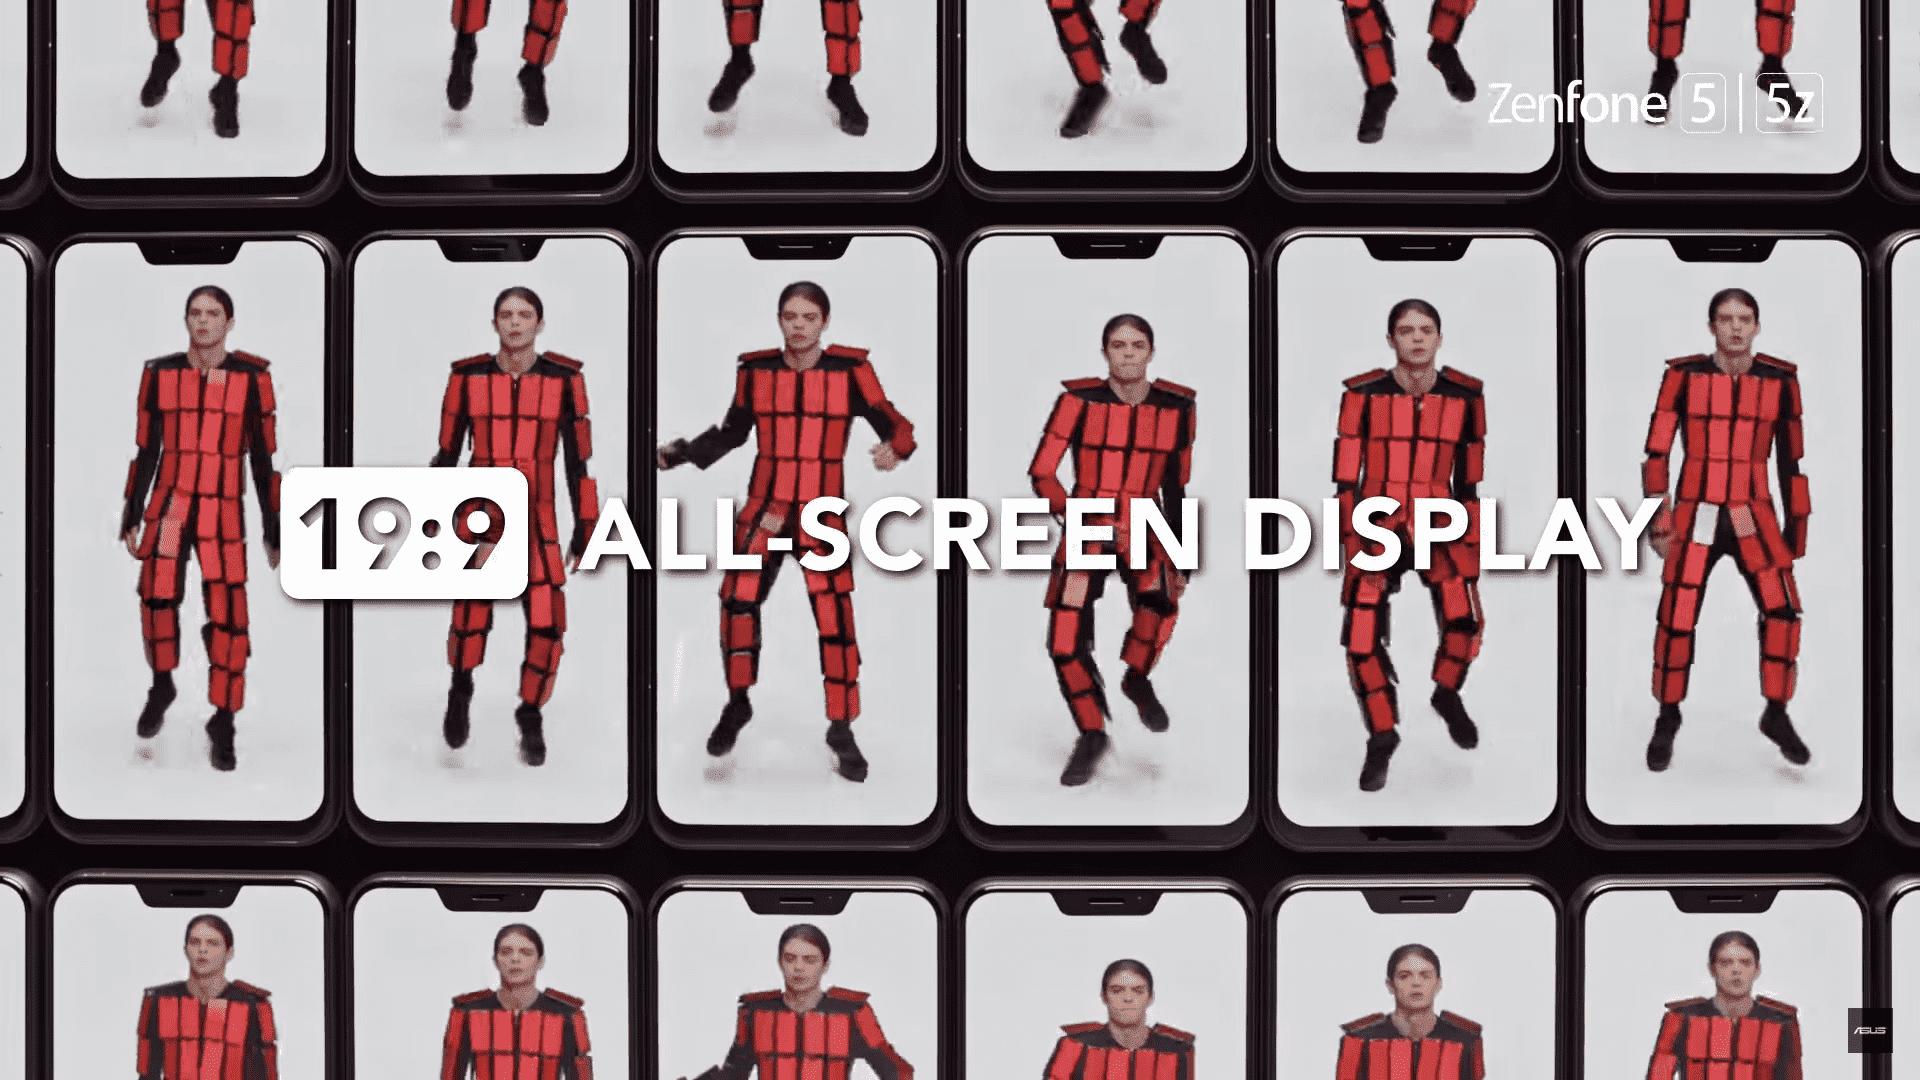 141 Asus объединяется с лидером OK Go перед созданием рекламного ролика ZenFone 5